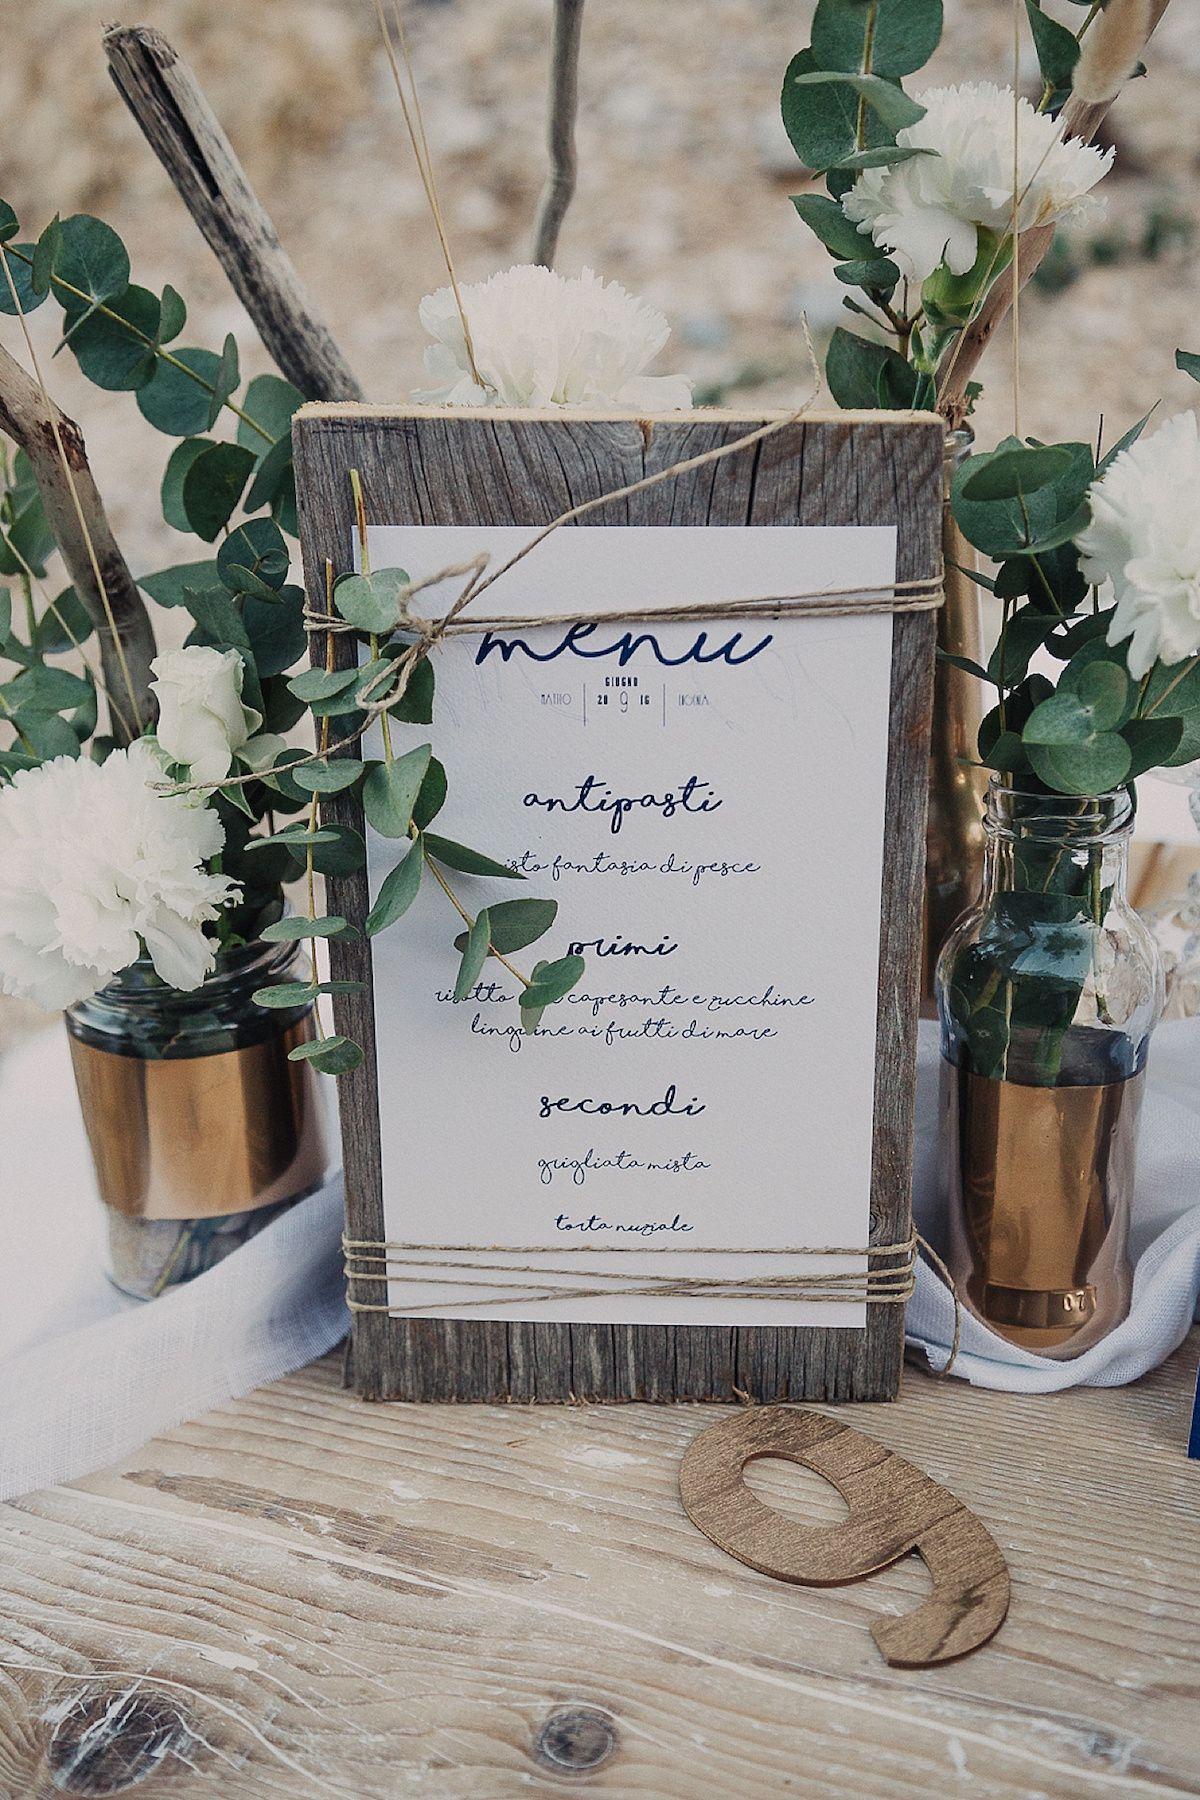 Matrimonio Rustico Como : Un matrimonio organico sul mare decorazioni matrimonio menu di